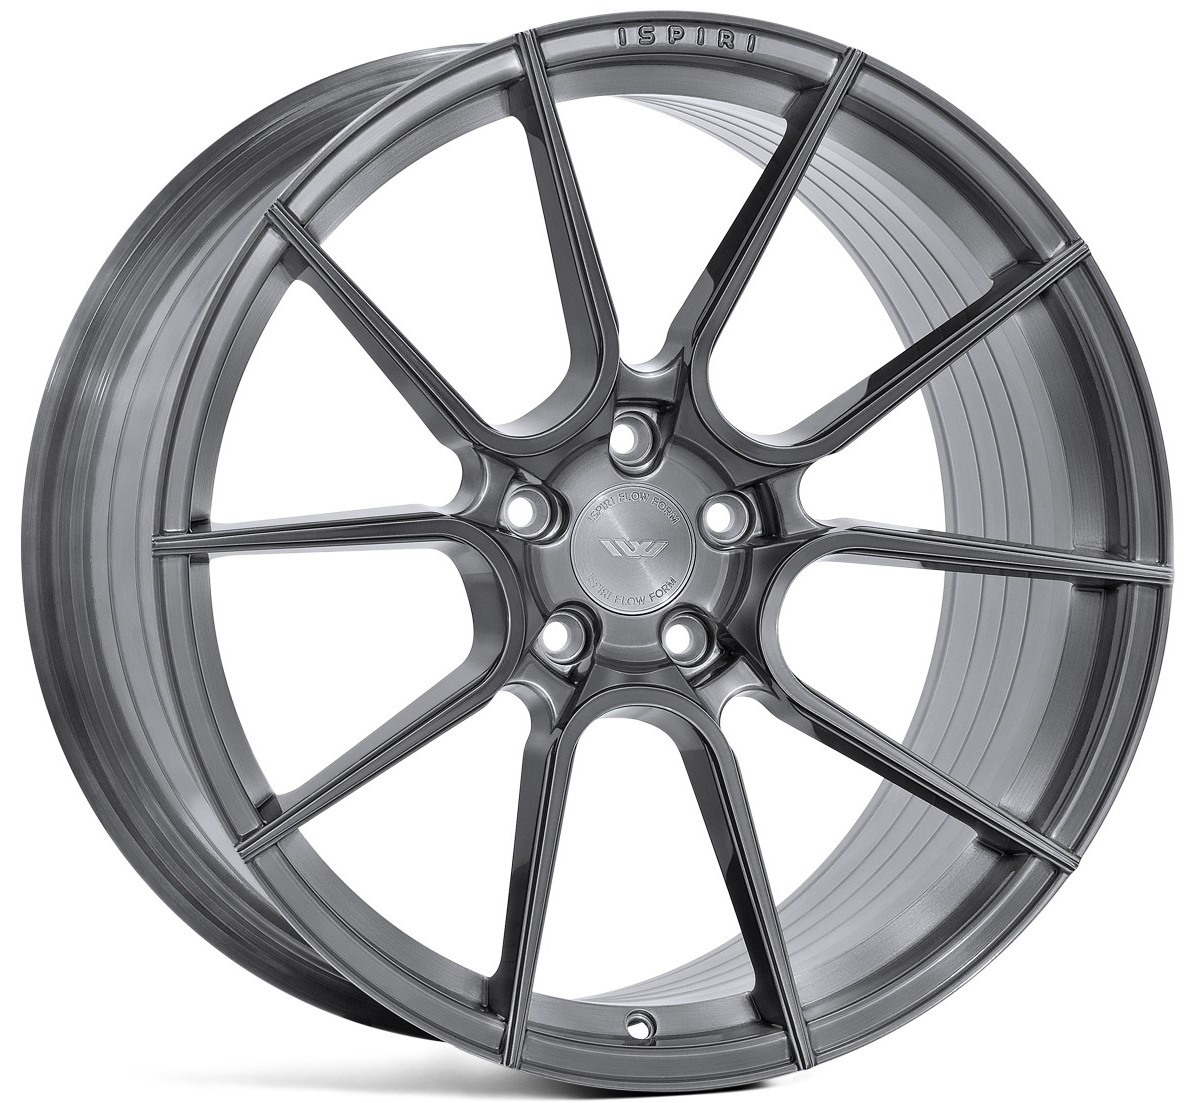 IW Automotive - FFR6 (Full Brushed Carbon Titanium)